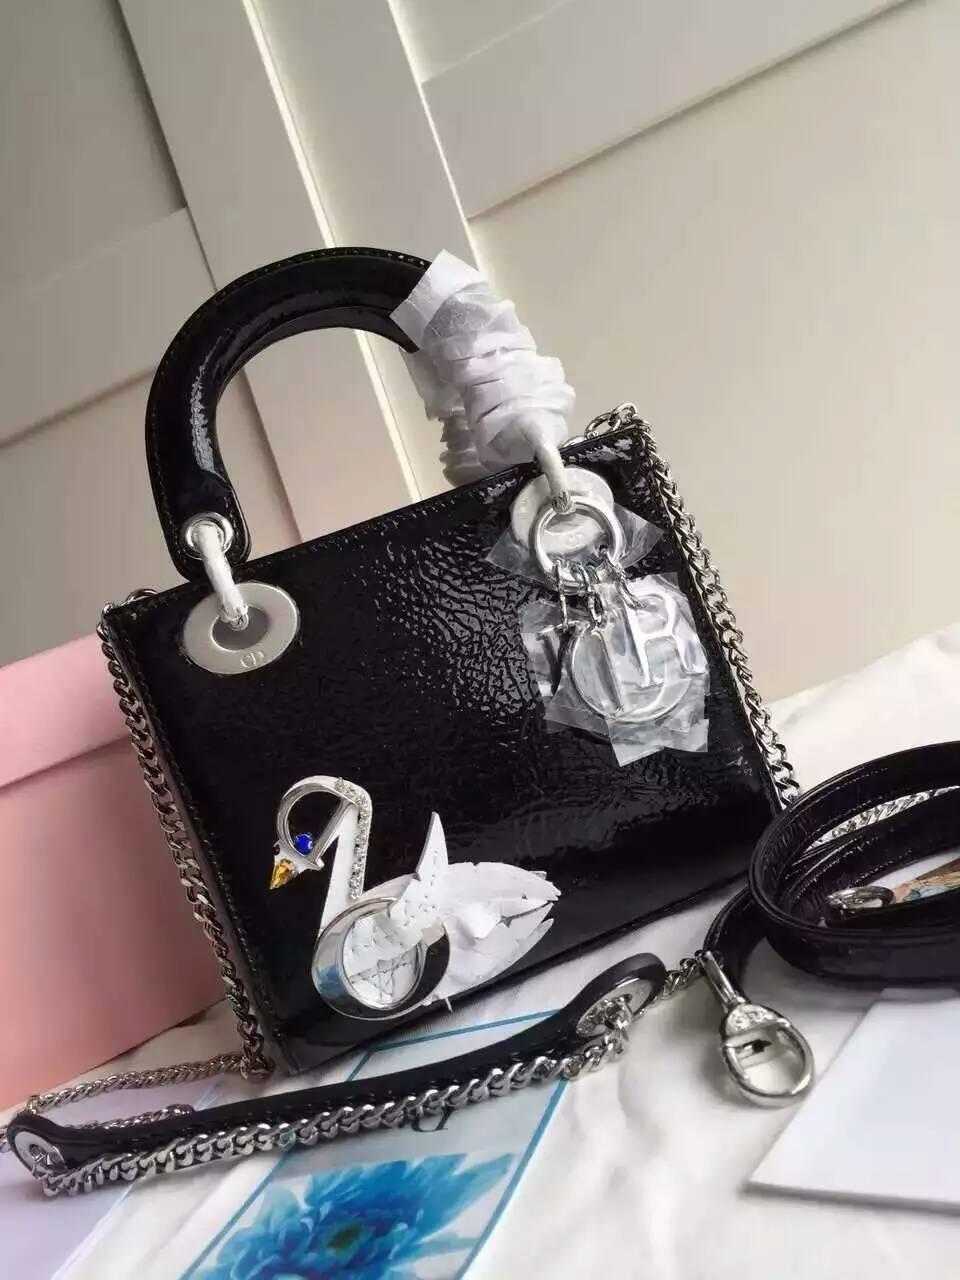 迪奥三格迷你戴妃包 白色天鹅彩绘黑色裂纹牛皮Lady Dior女包17cm